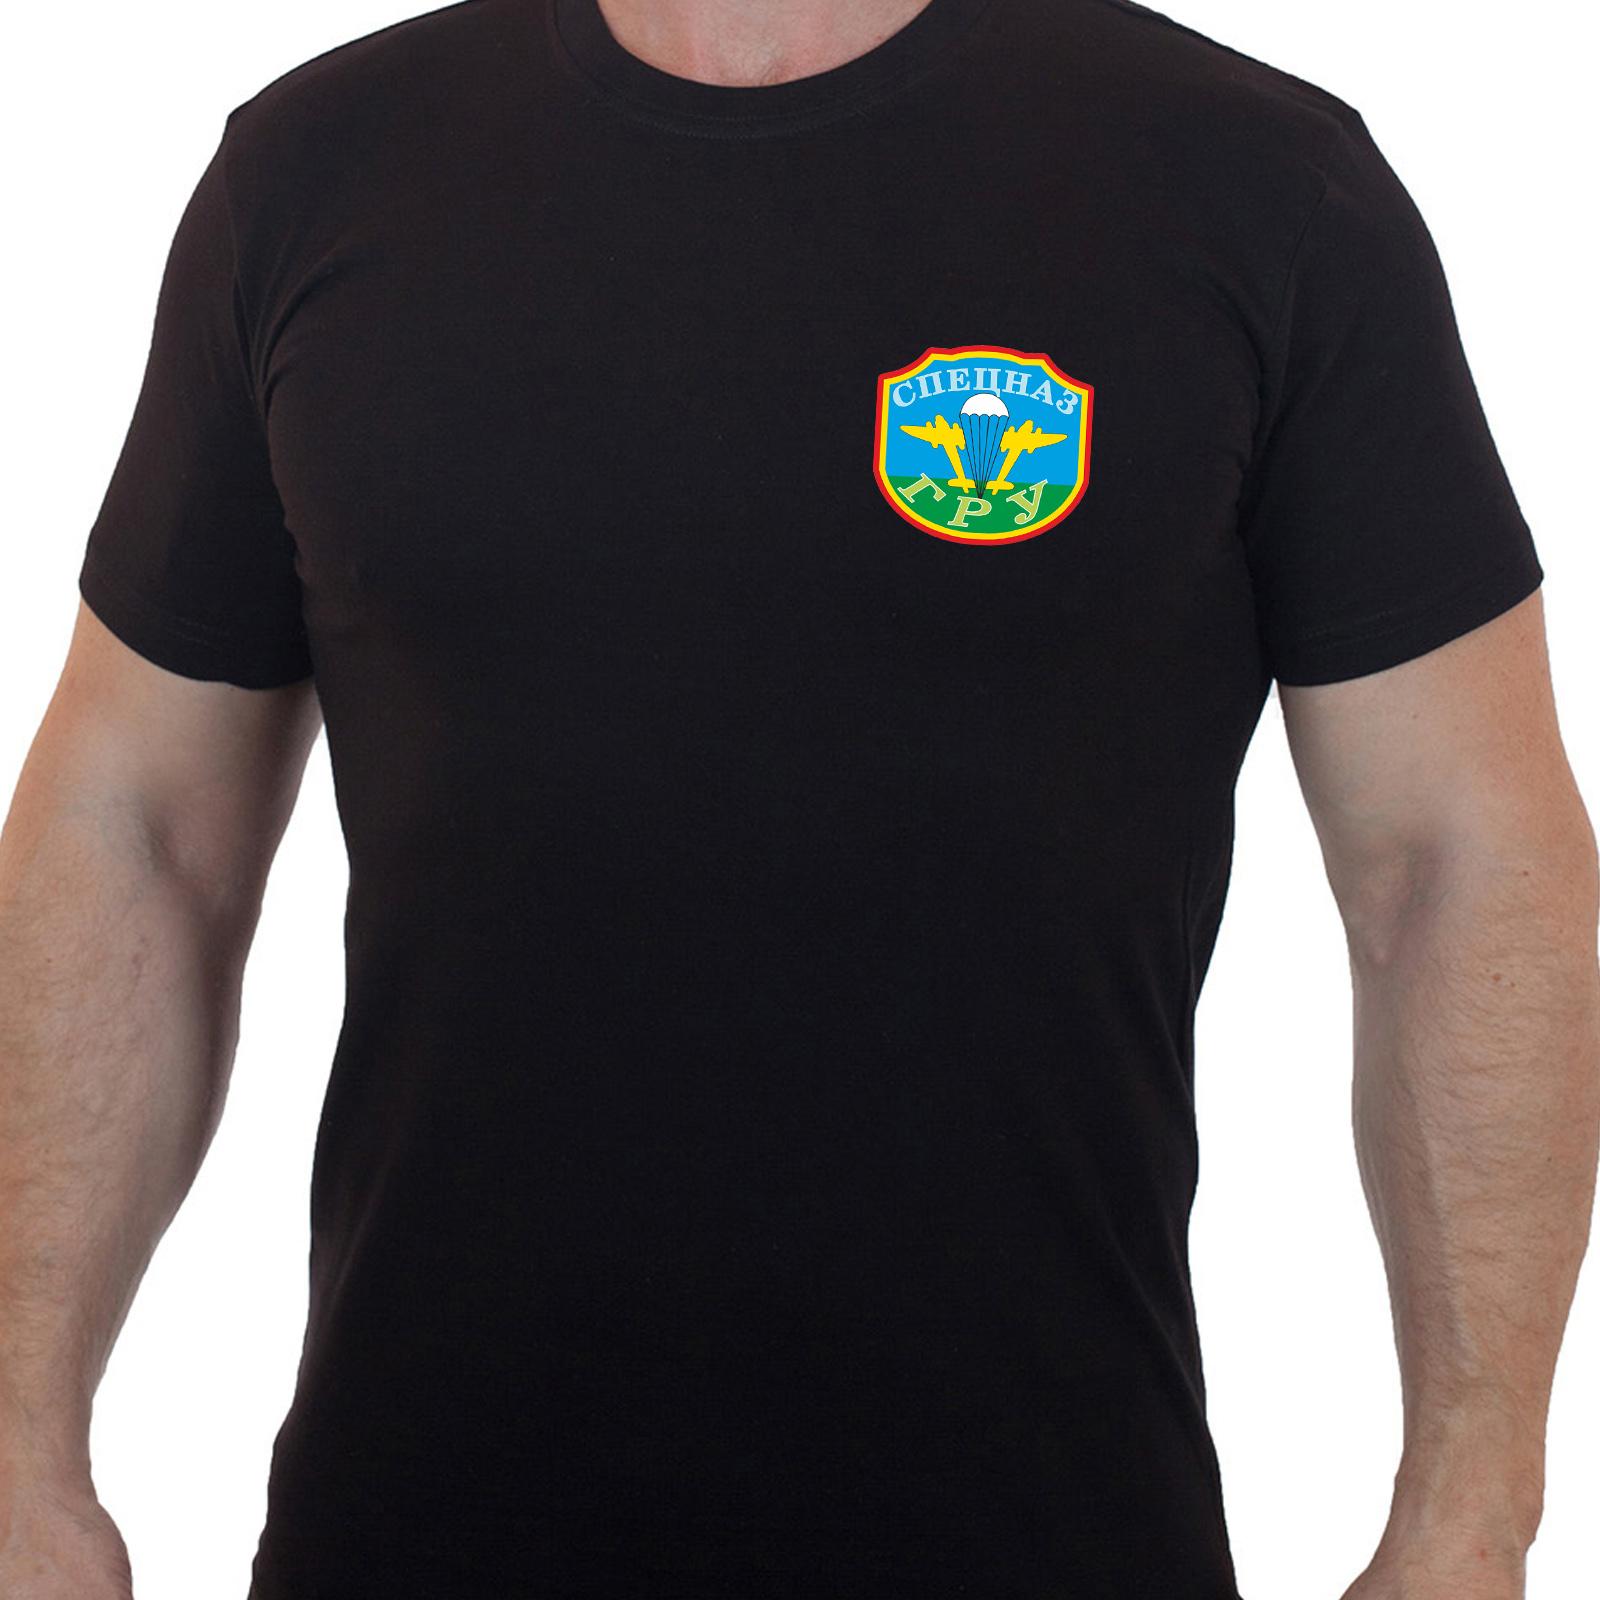 Чёрная футболка спецназа ГРУ